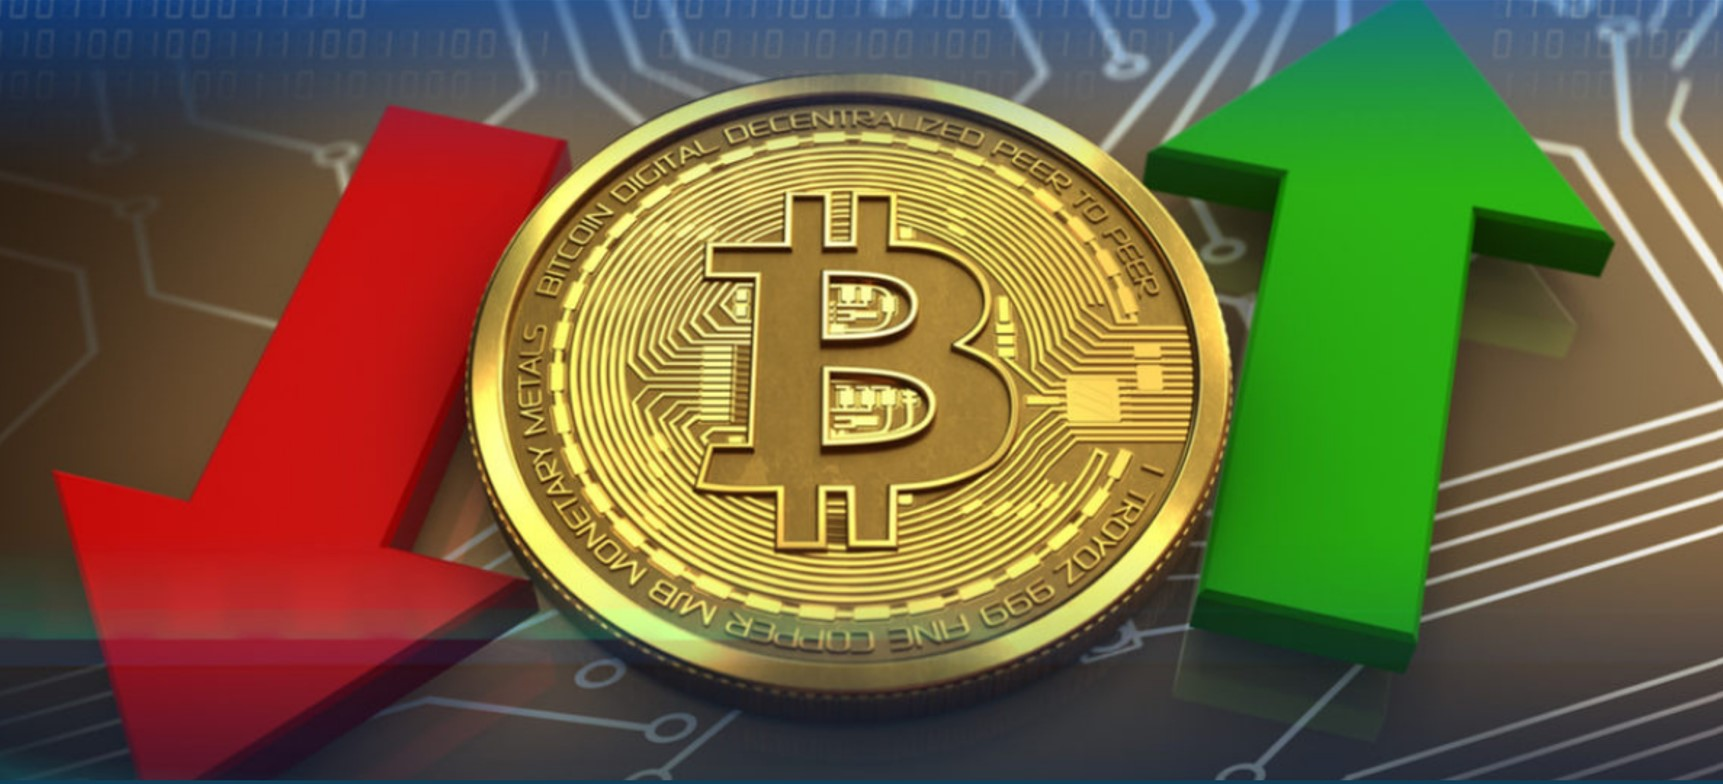 Bitcoin: Sụp đổ và điều chỉnh khác nhau thế nào?